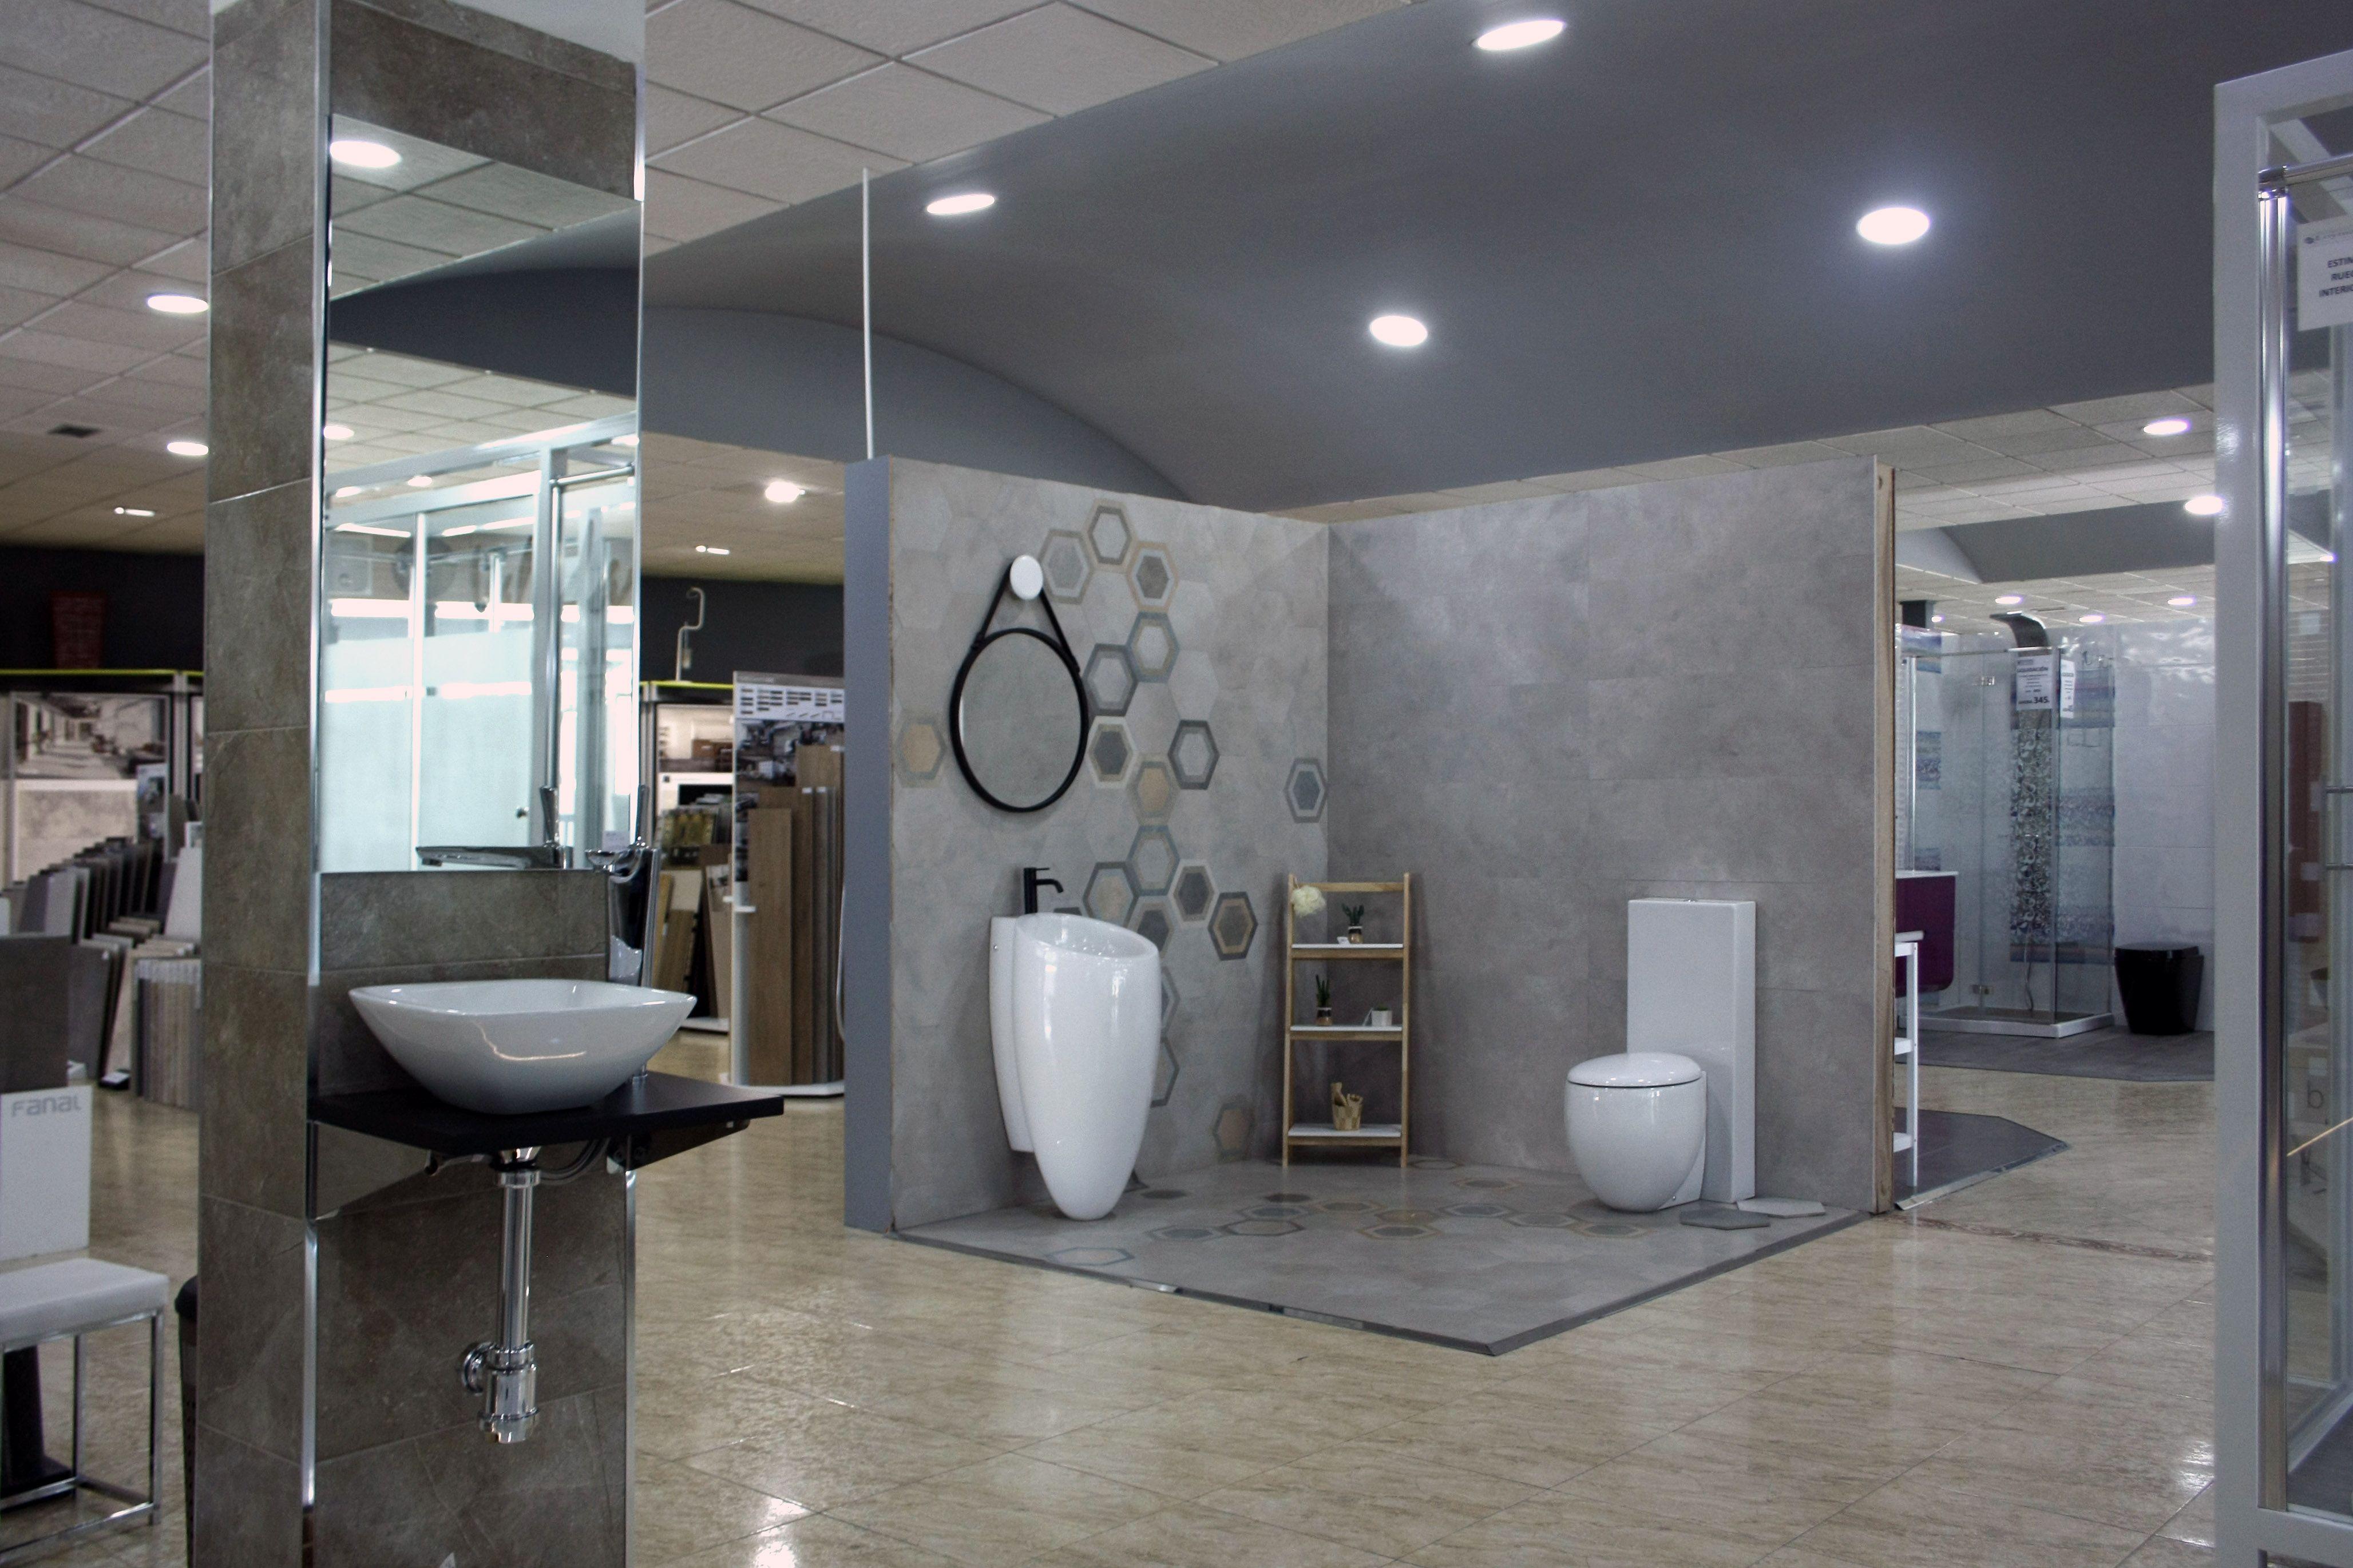 Foto 3 de Muebles de baño y cocina en Maracena | Pavimentos Loymar, S.L.